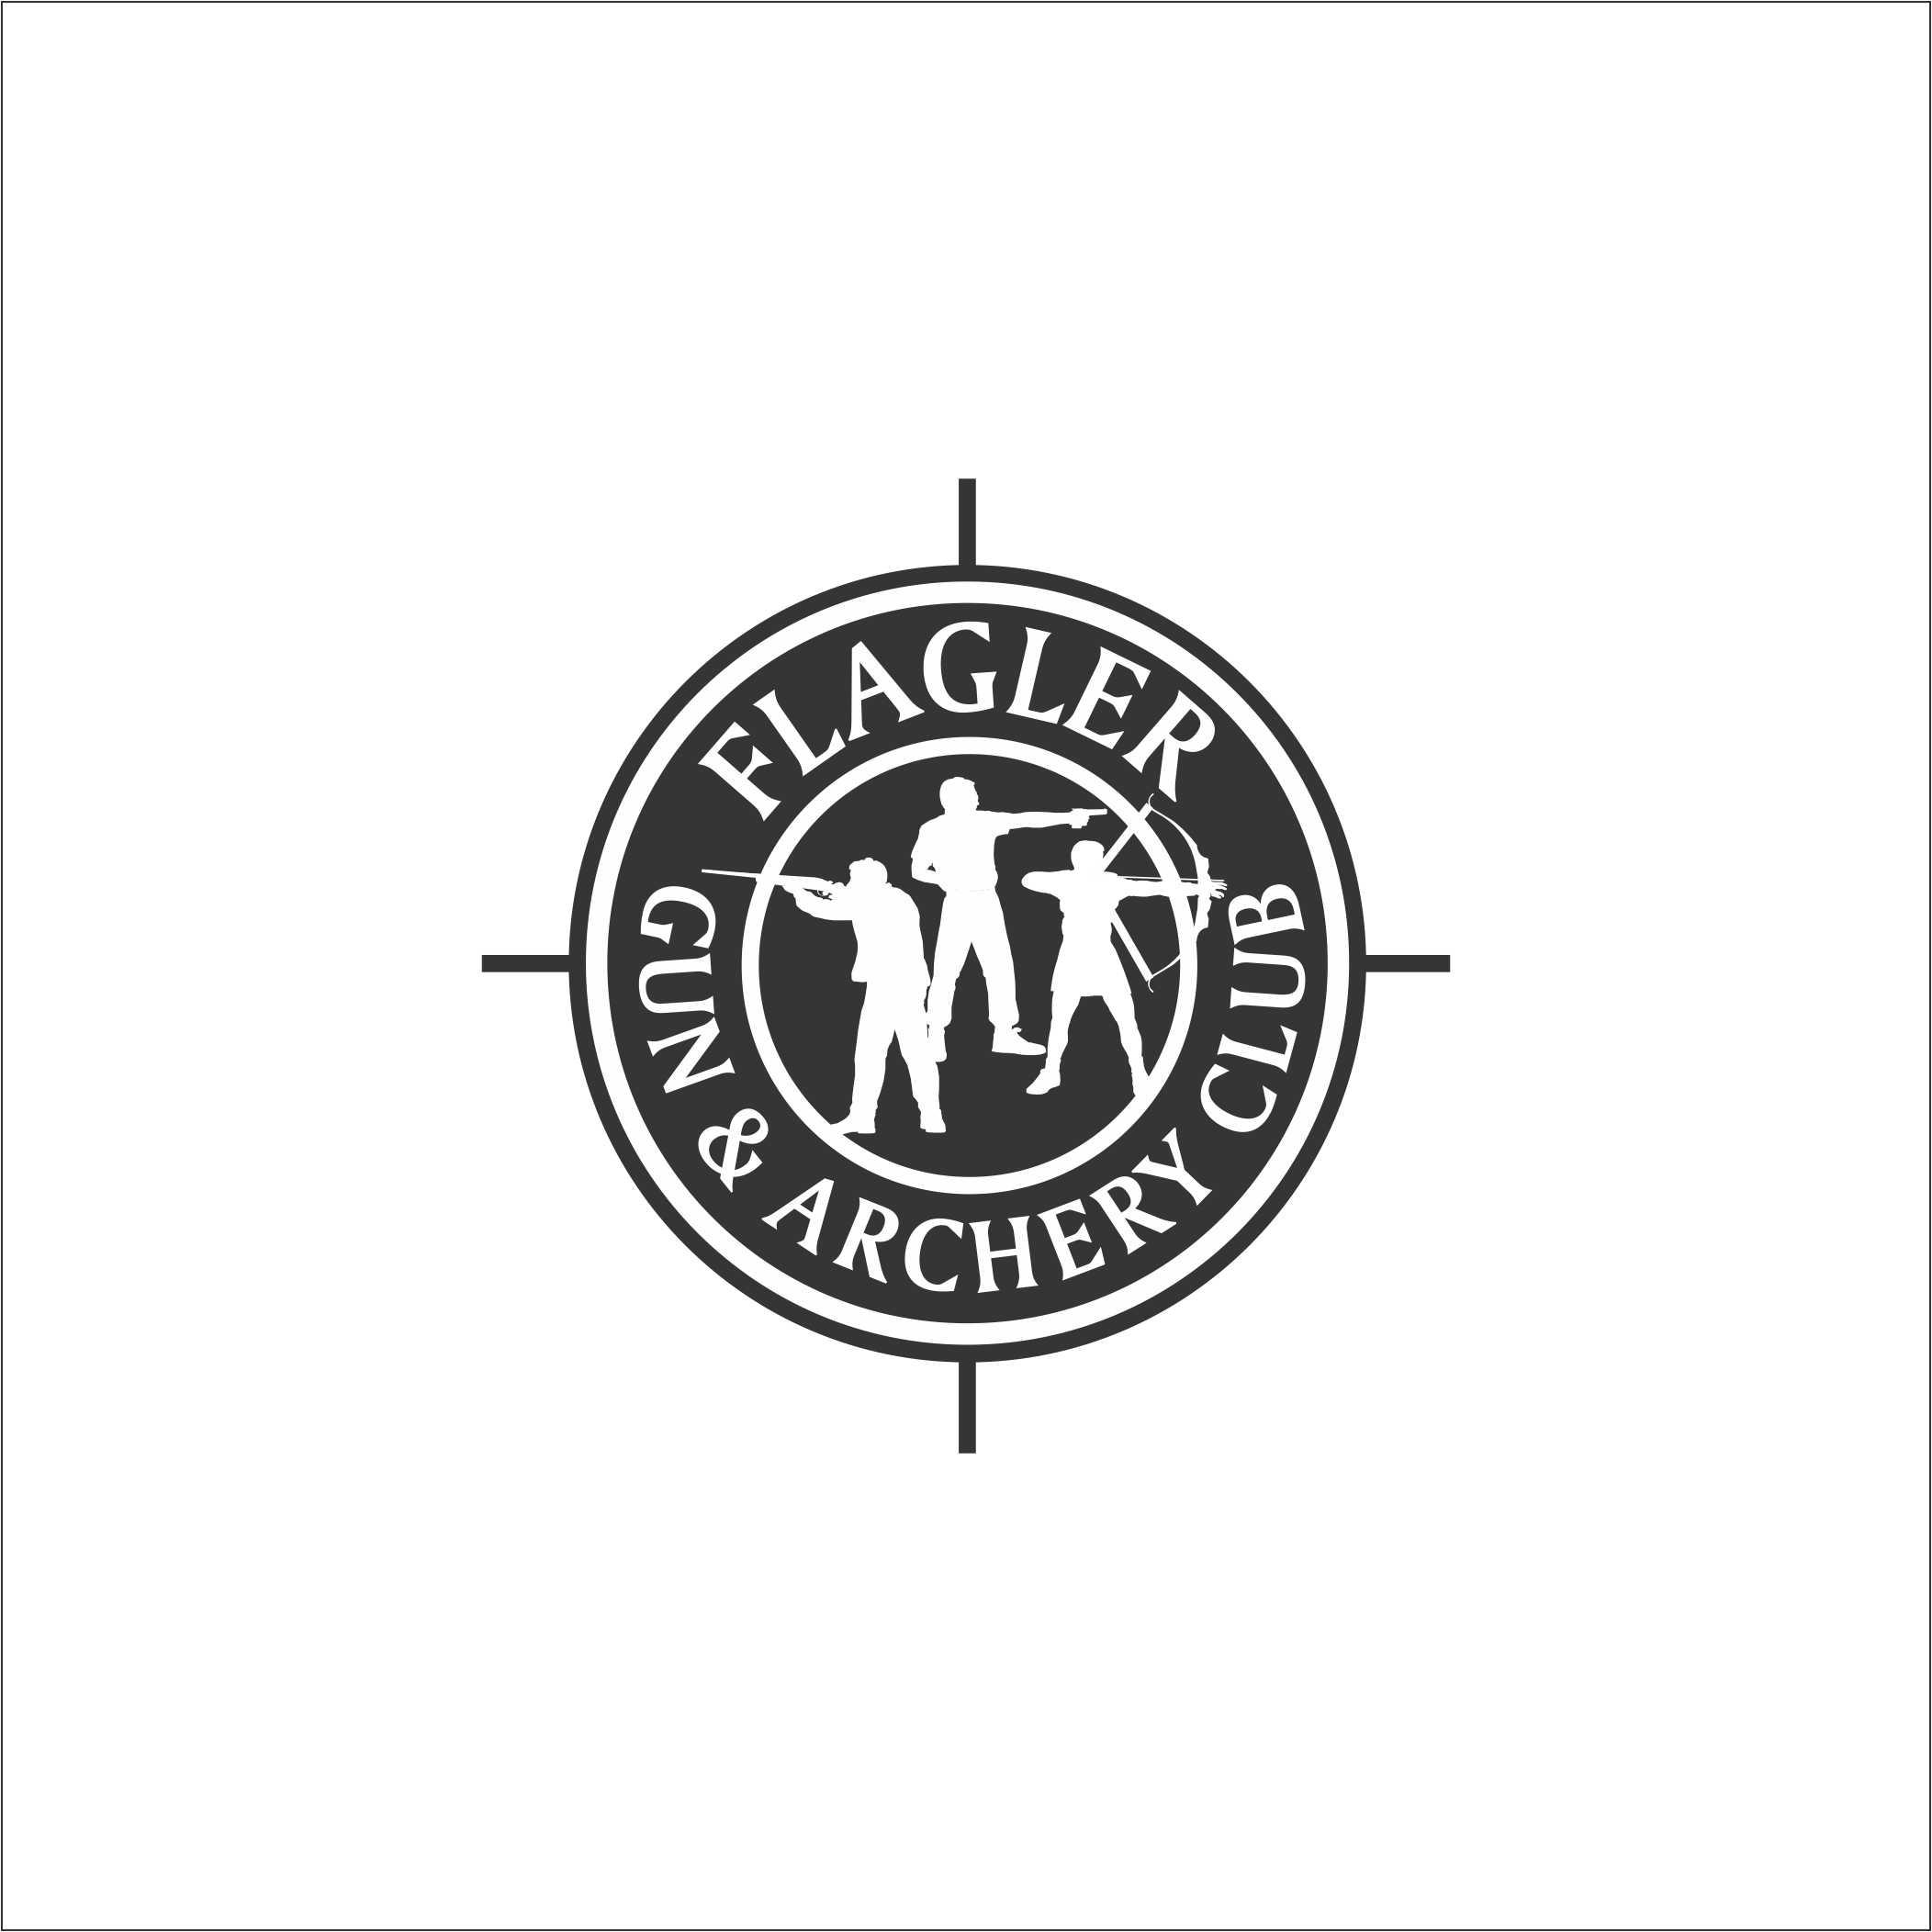 Flagler Gun & Archery Club